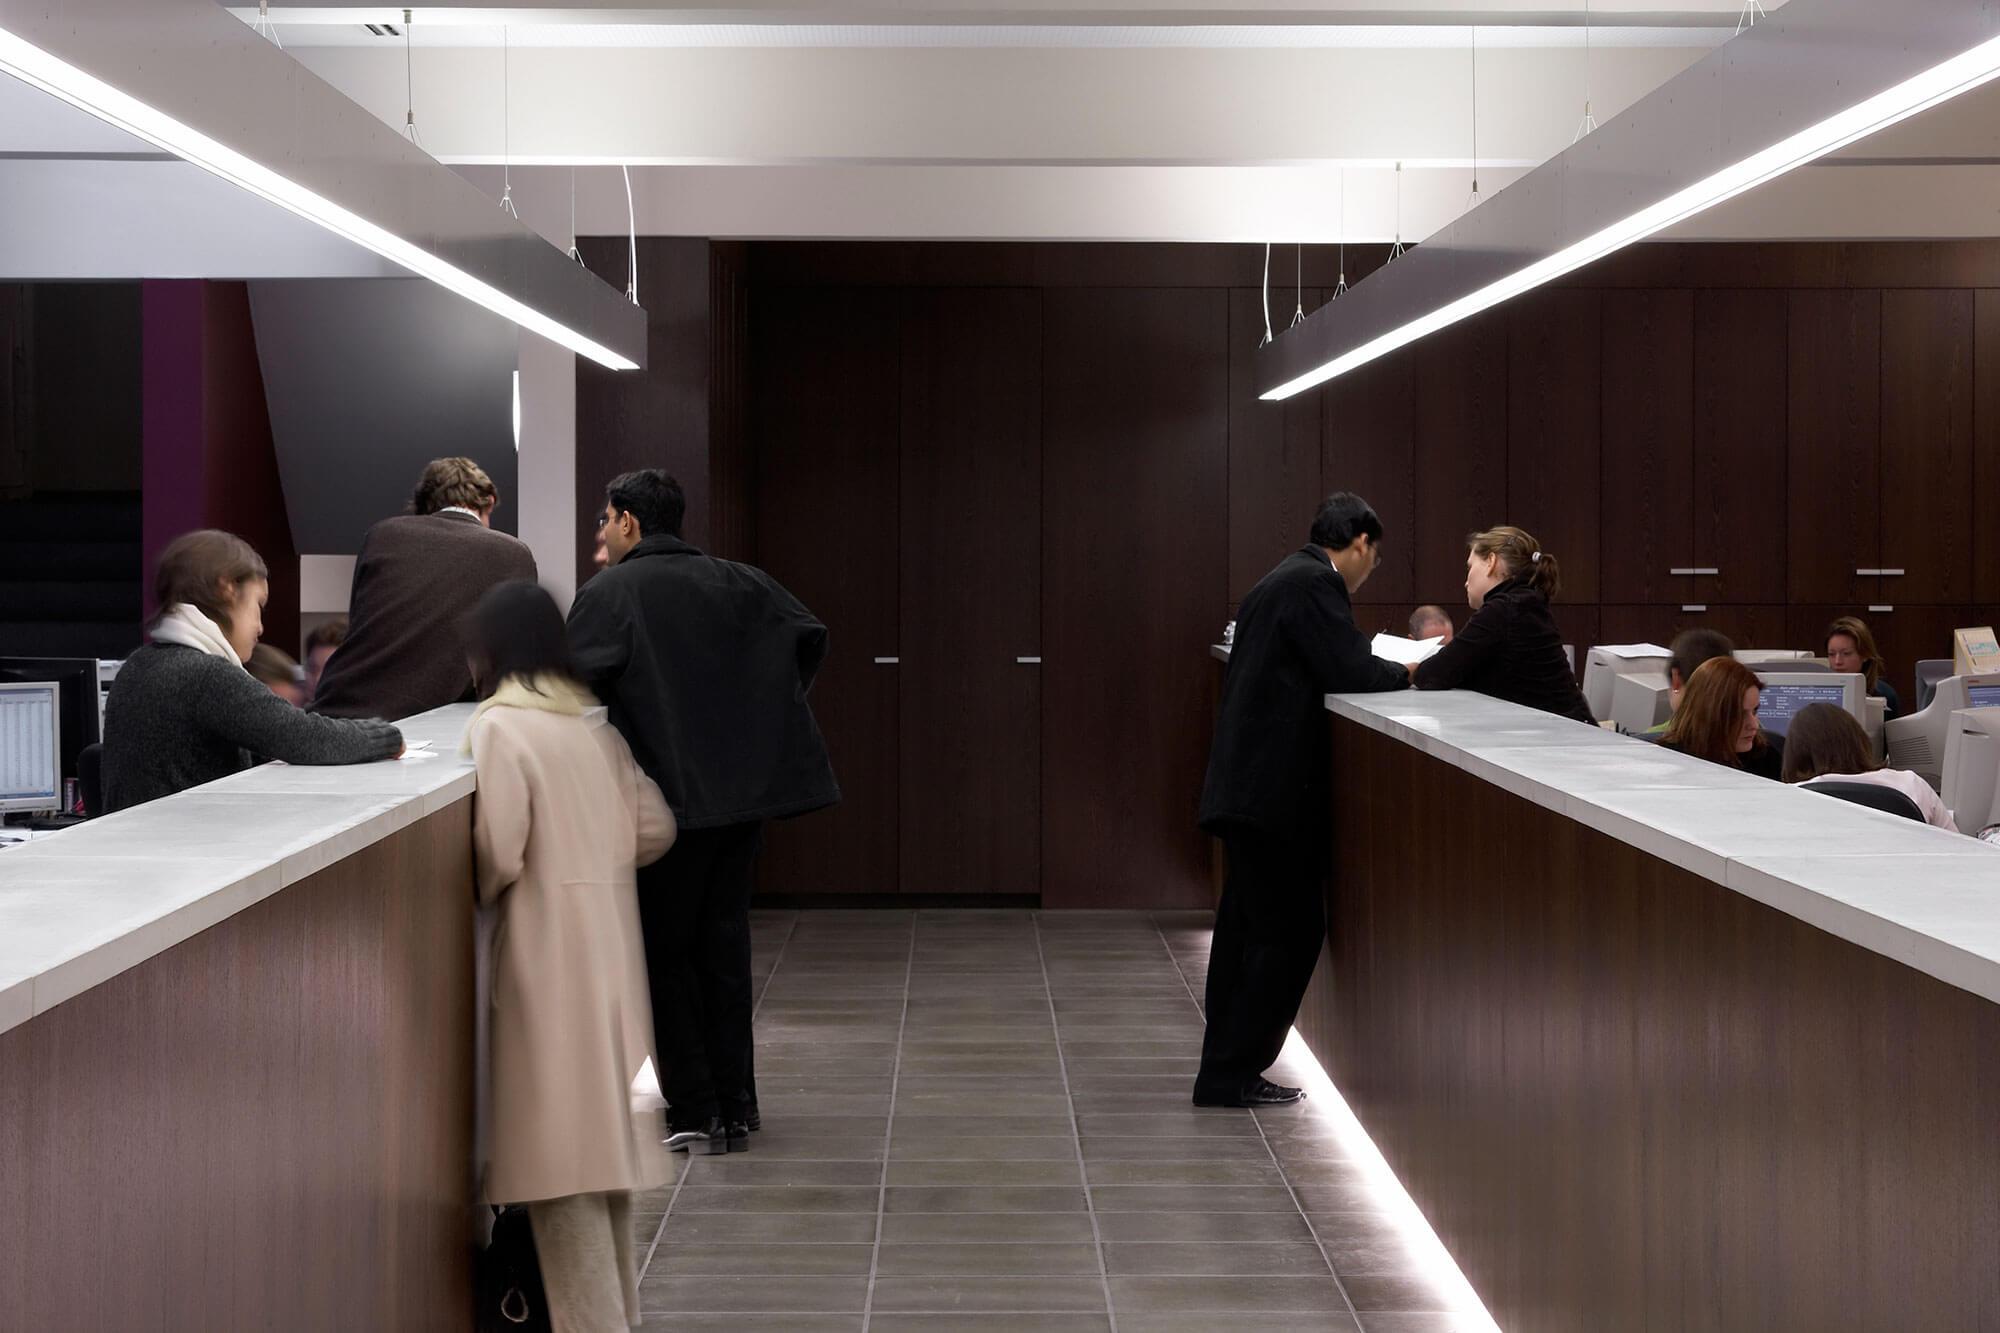 De toog en de werkplek zijn nauw aan elkaar gekoppeld, waardoor het persoonlijk contact met de klanten wordt verhoogd.